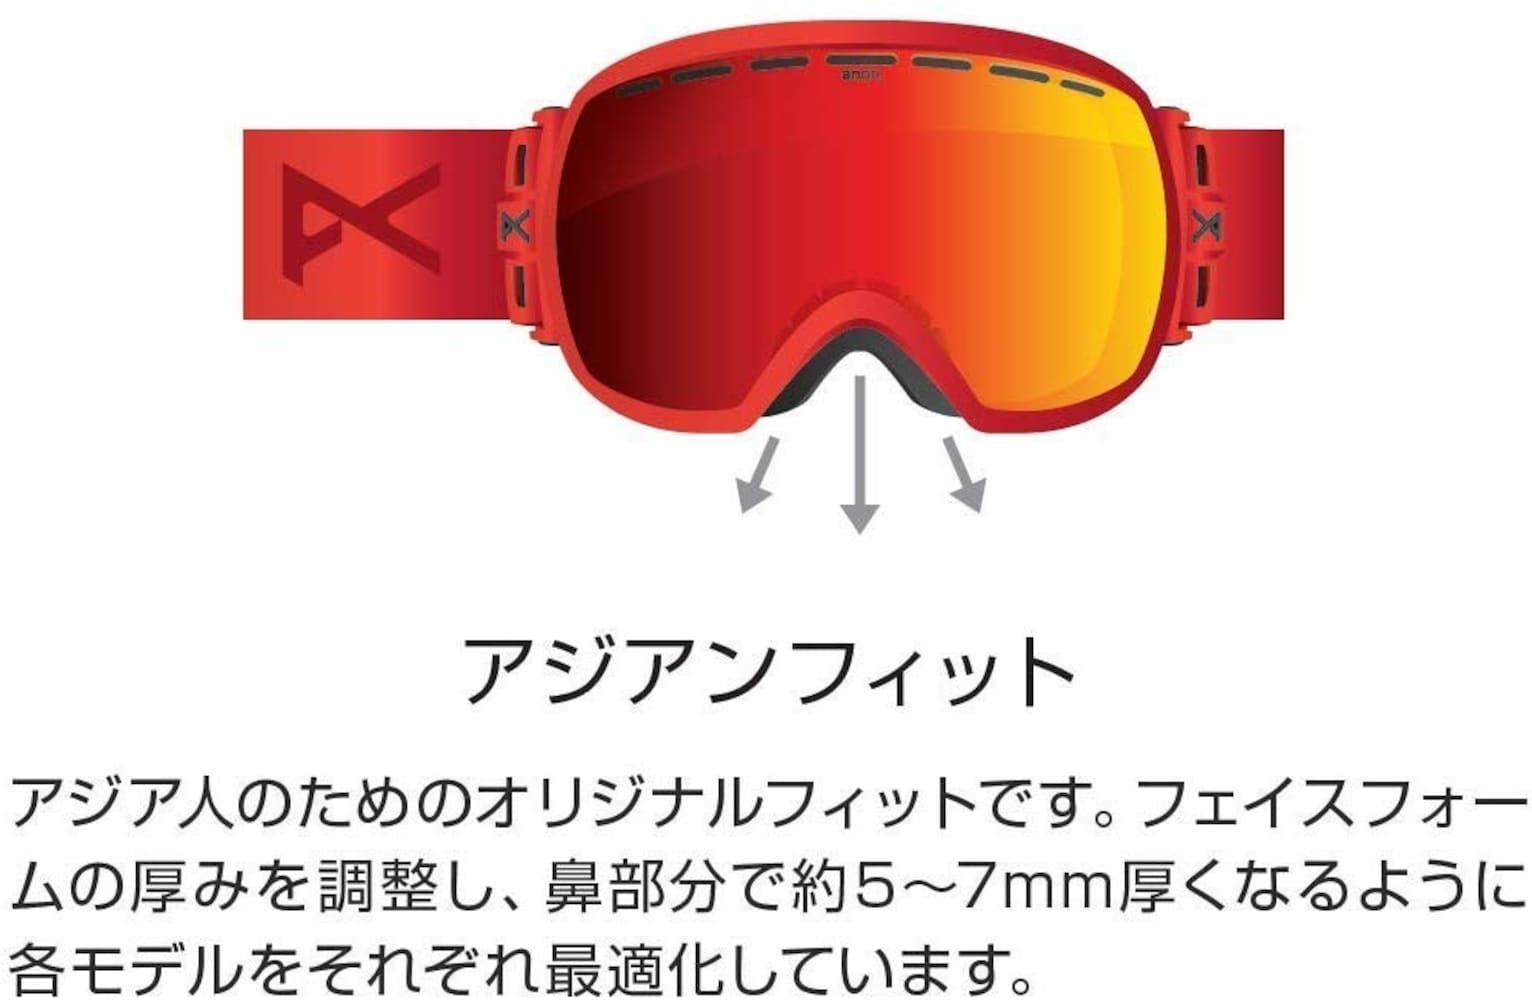 ブランド|日本人の鼻にフィットする日本ブランドがおすすめ!